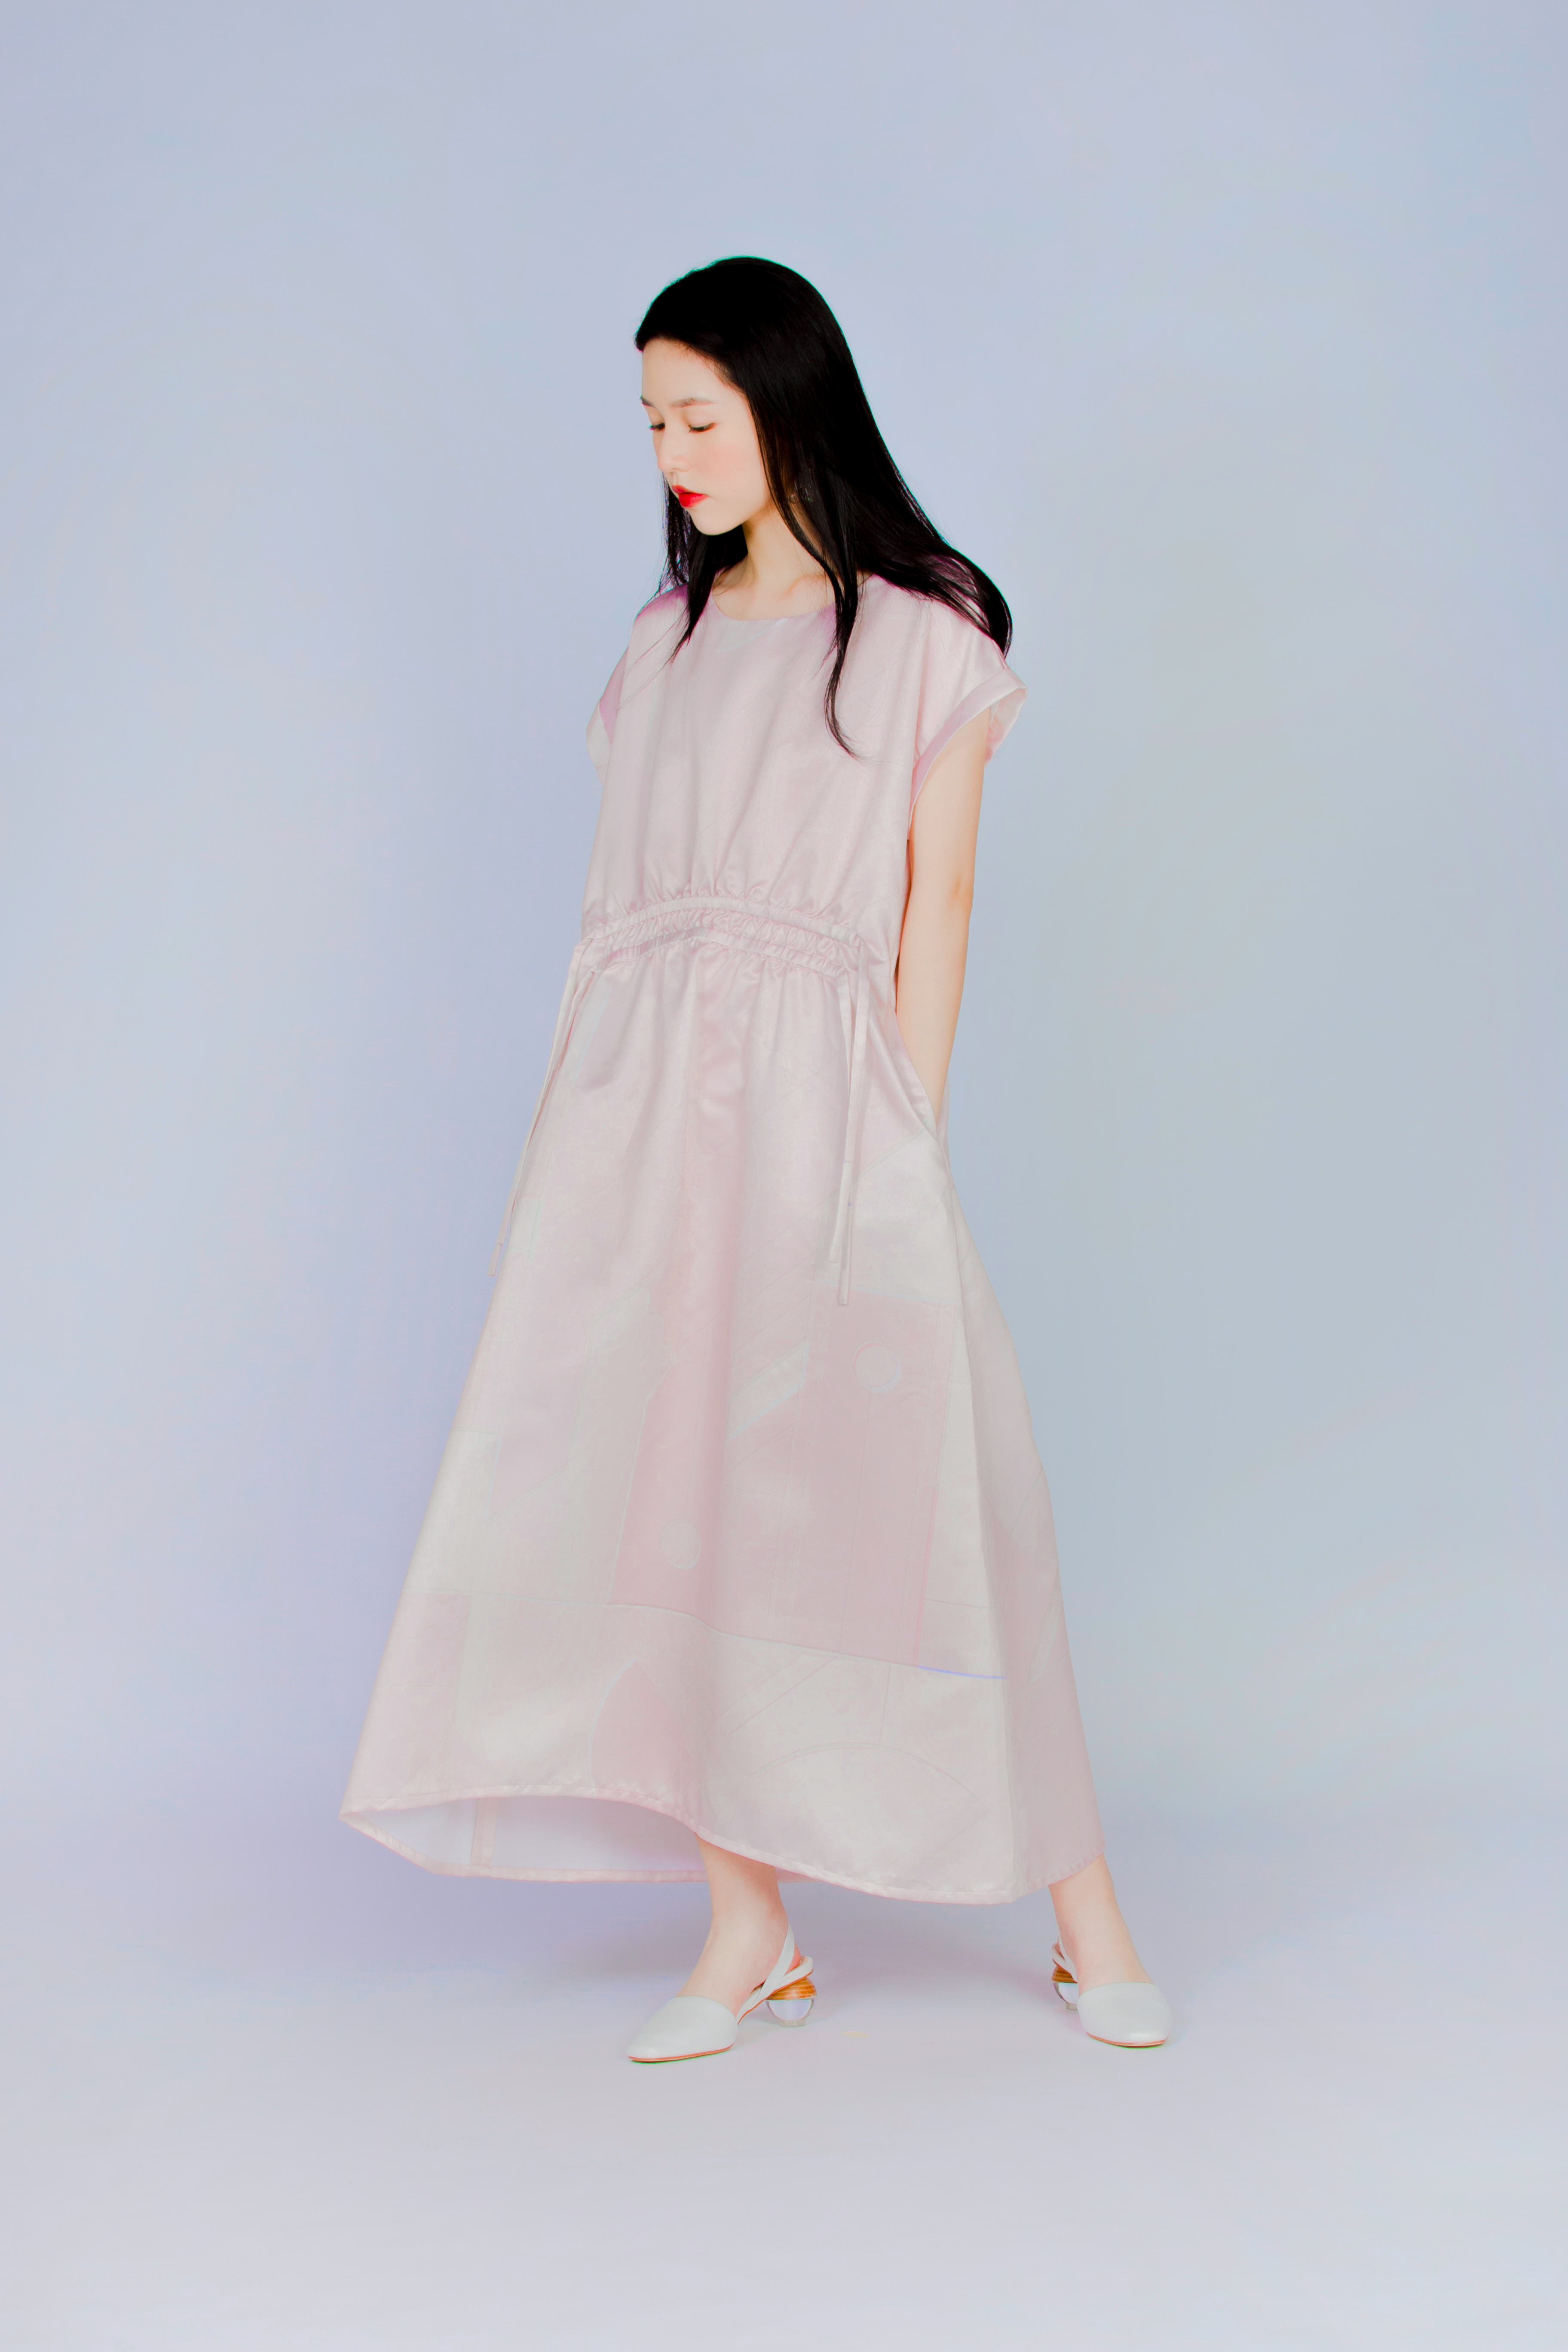 赤磁矩 - 褶皺洋裝